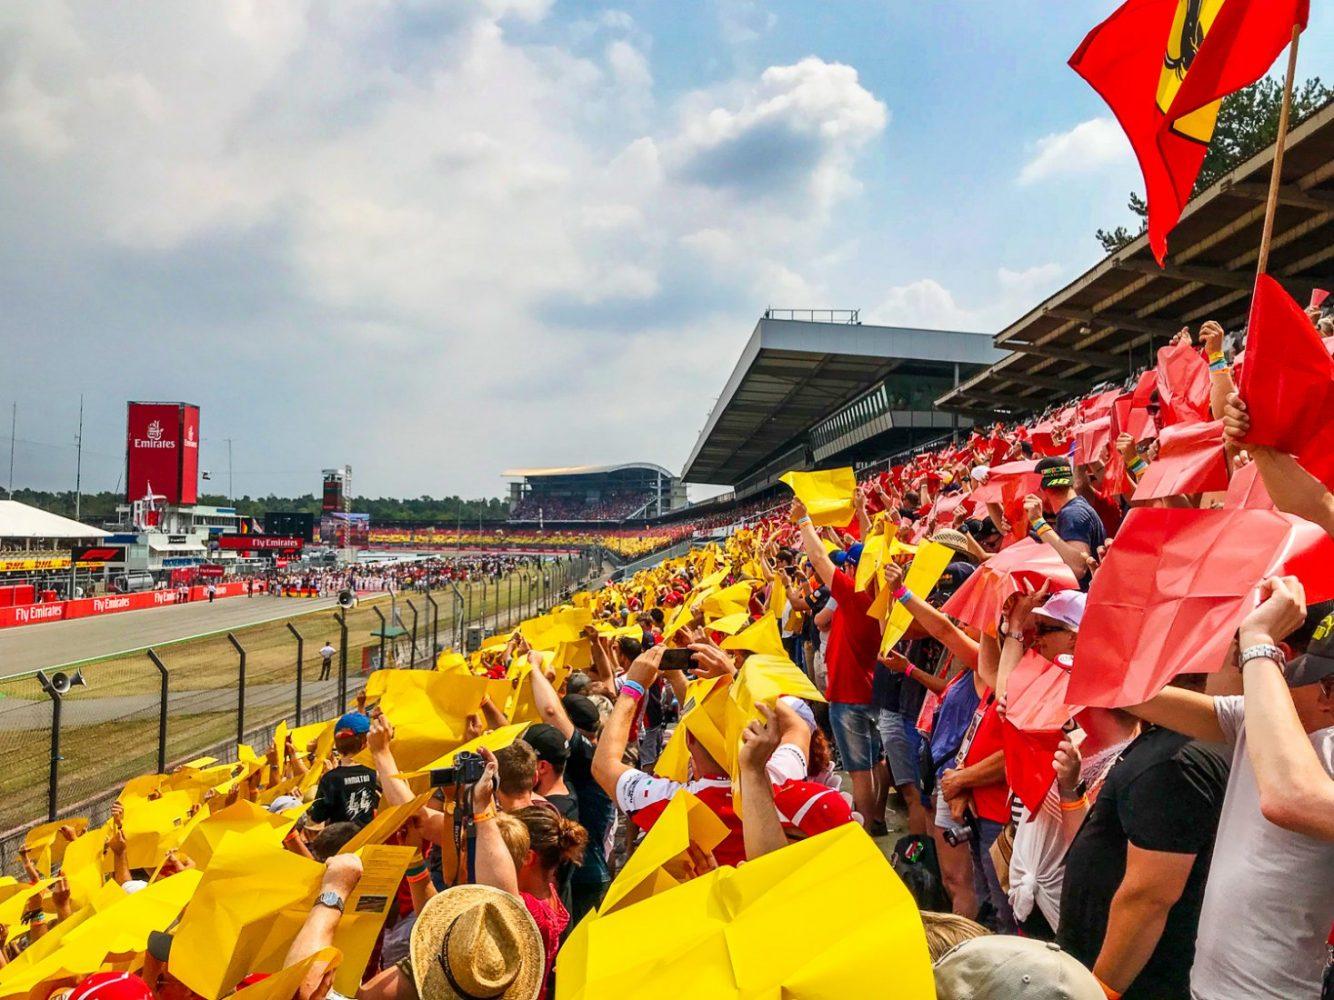 Startaufstellung und Flaggen-Choreografie beim Formula 1 Grand Prix Deutschland 2018